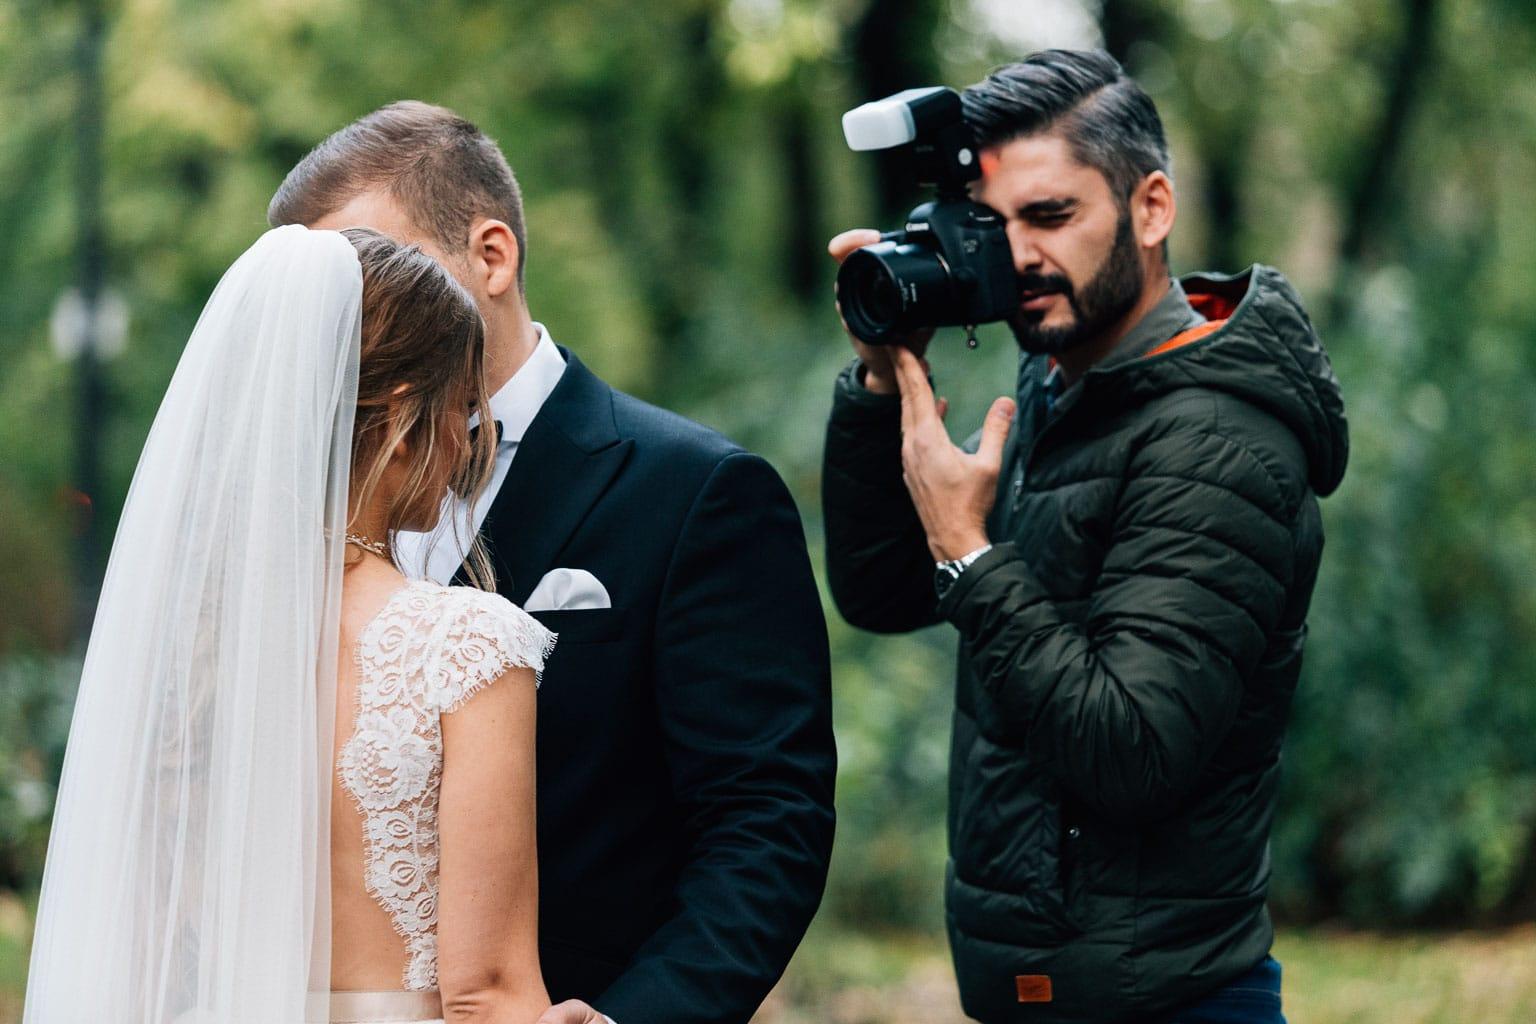 Fotograf de nunta la inceput de drum si ce ar trebui facut pentru a avea succes